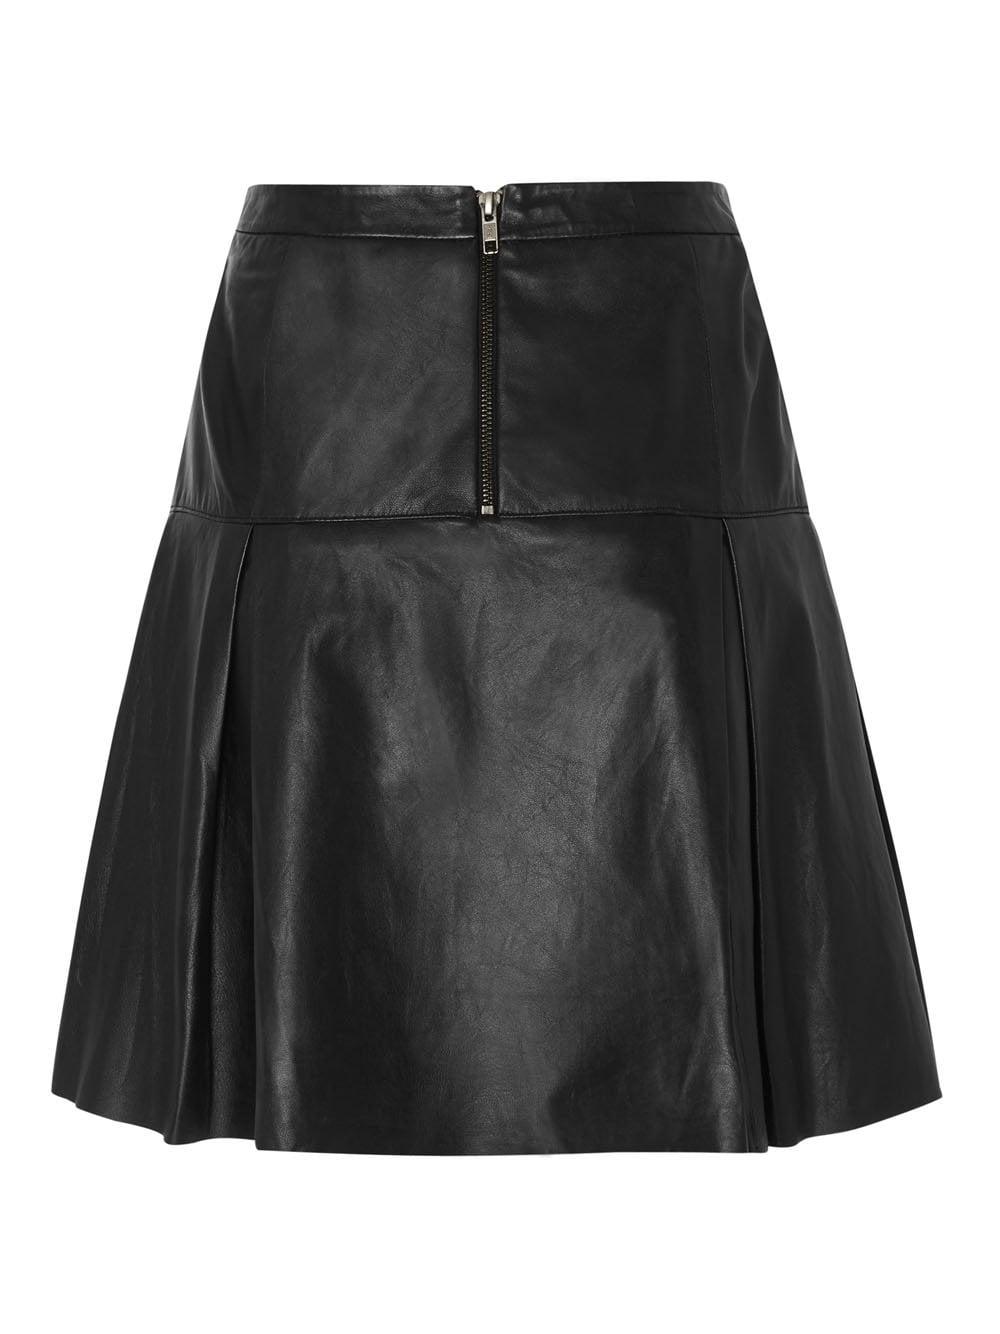 vistula black pleat leather skirt